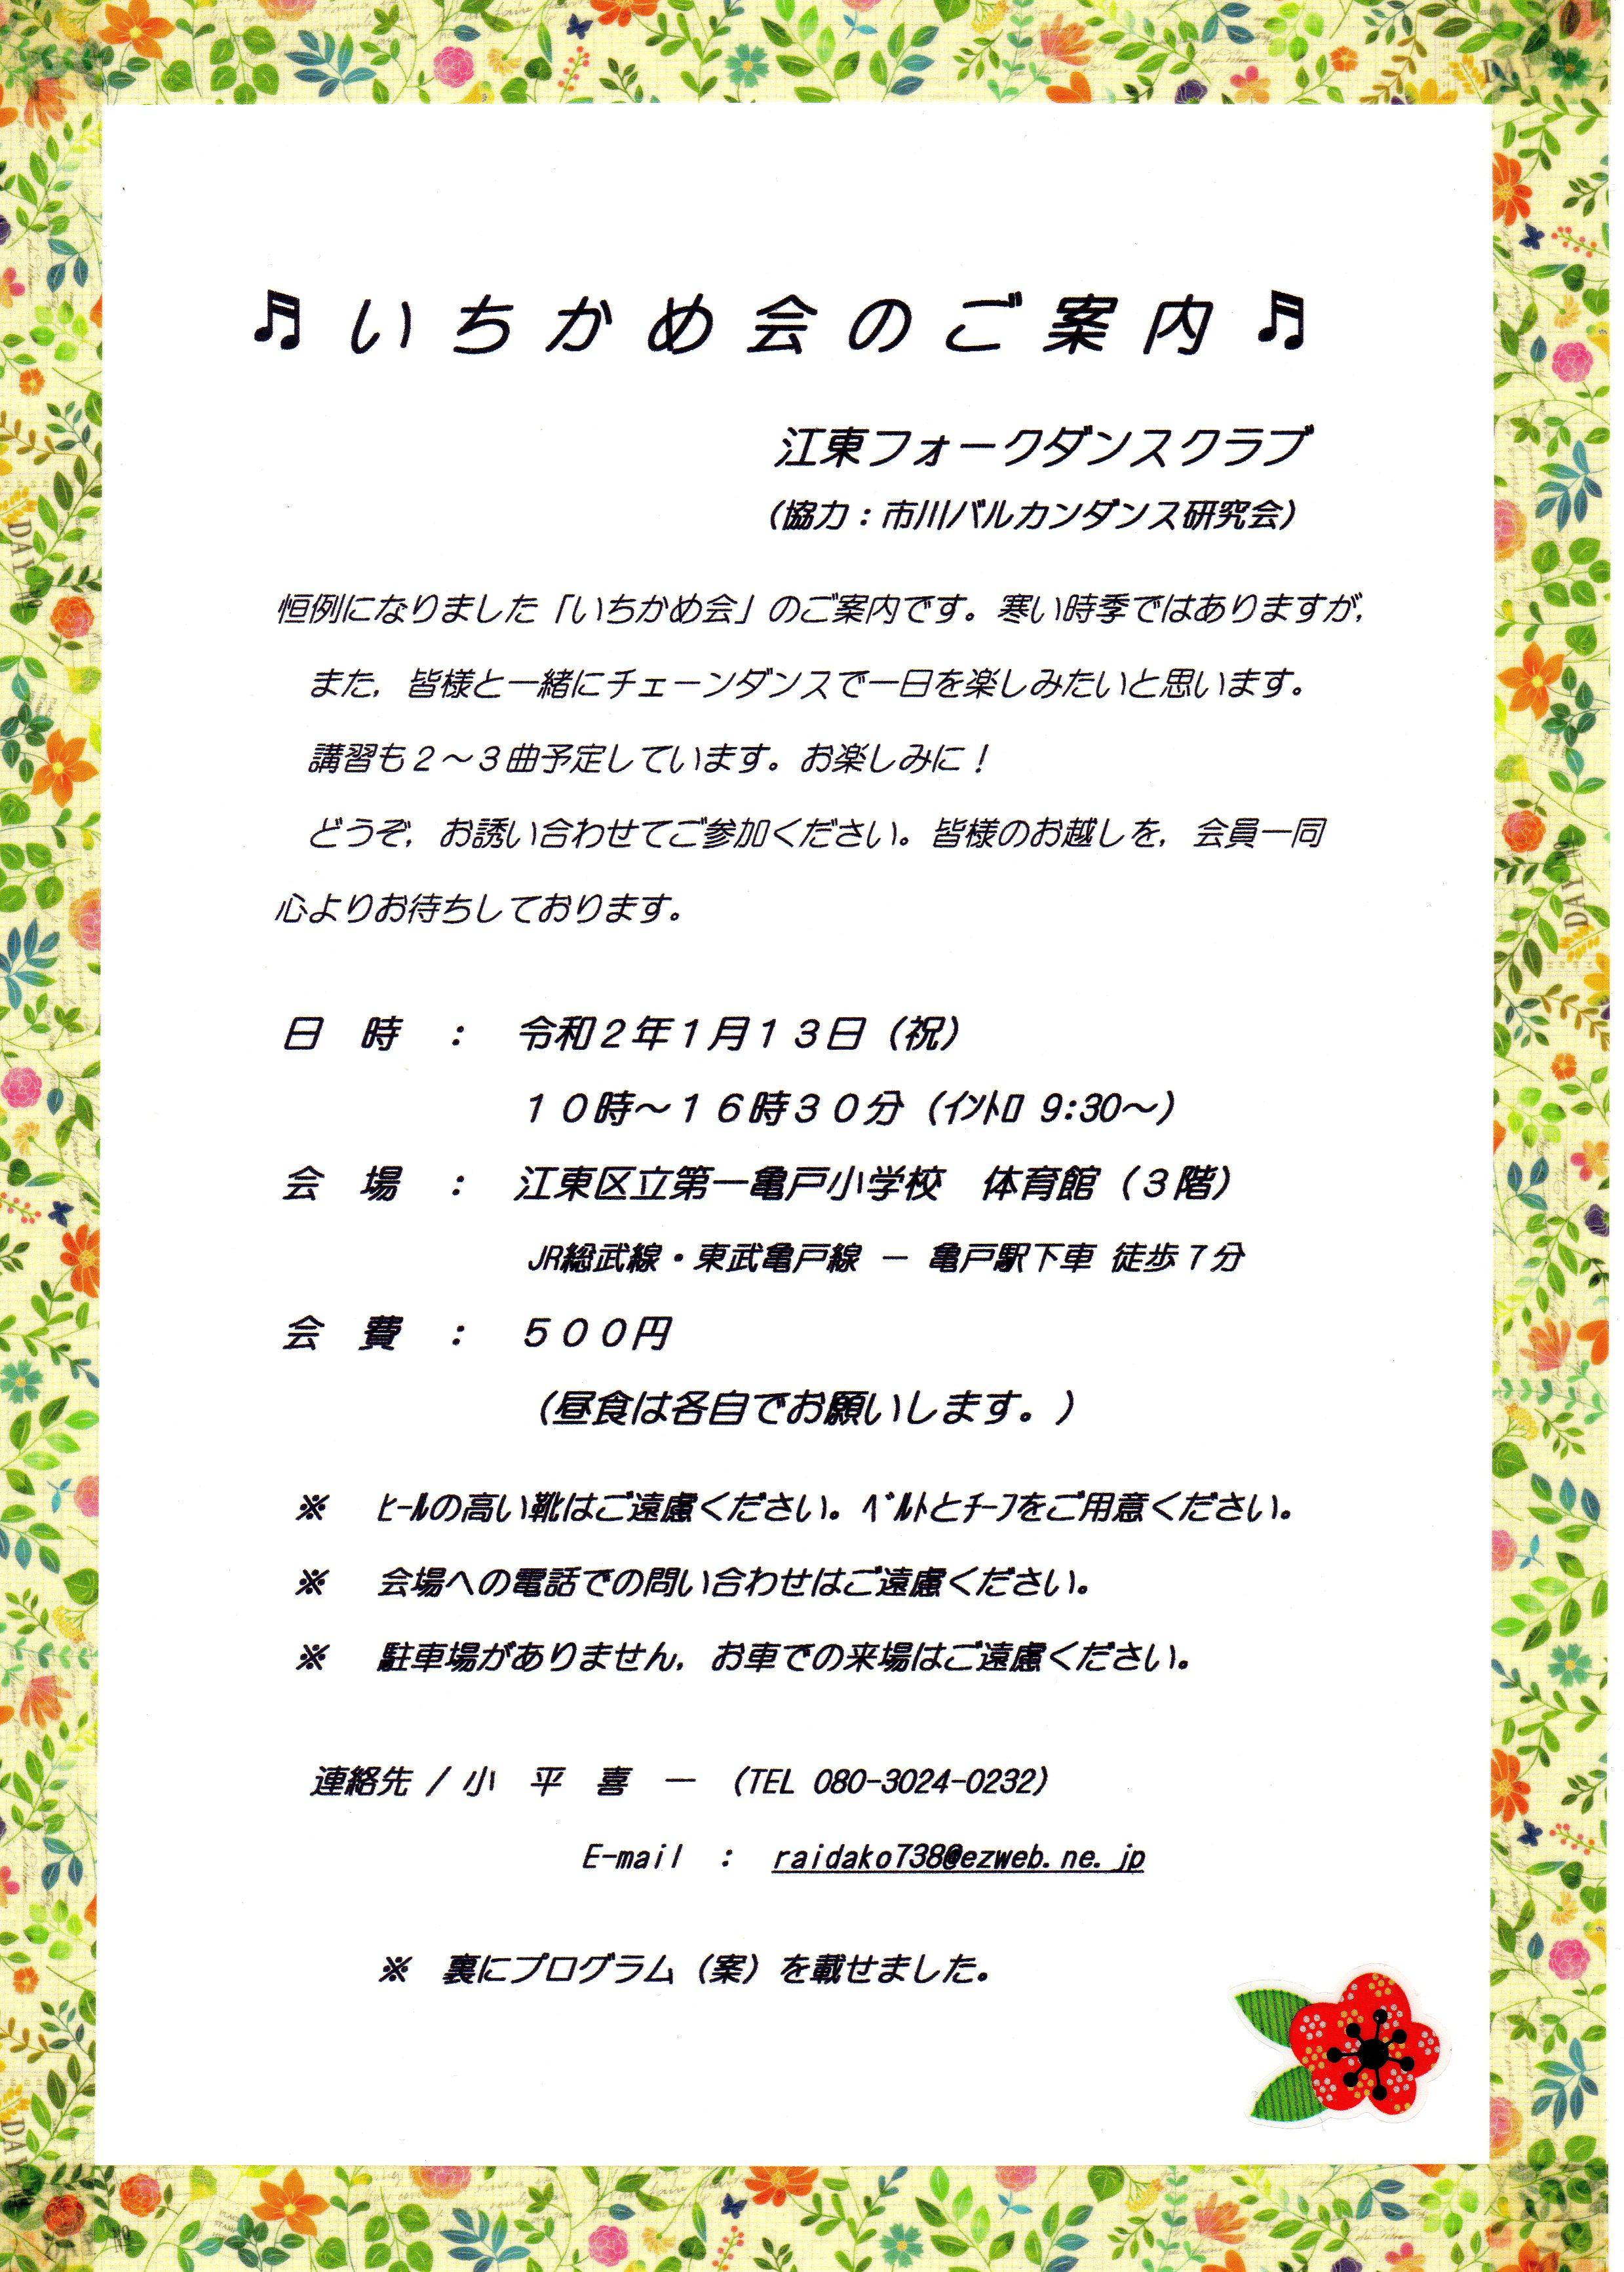 20200113いちかめ会(表)